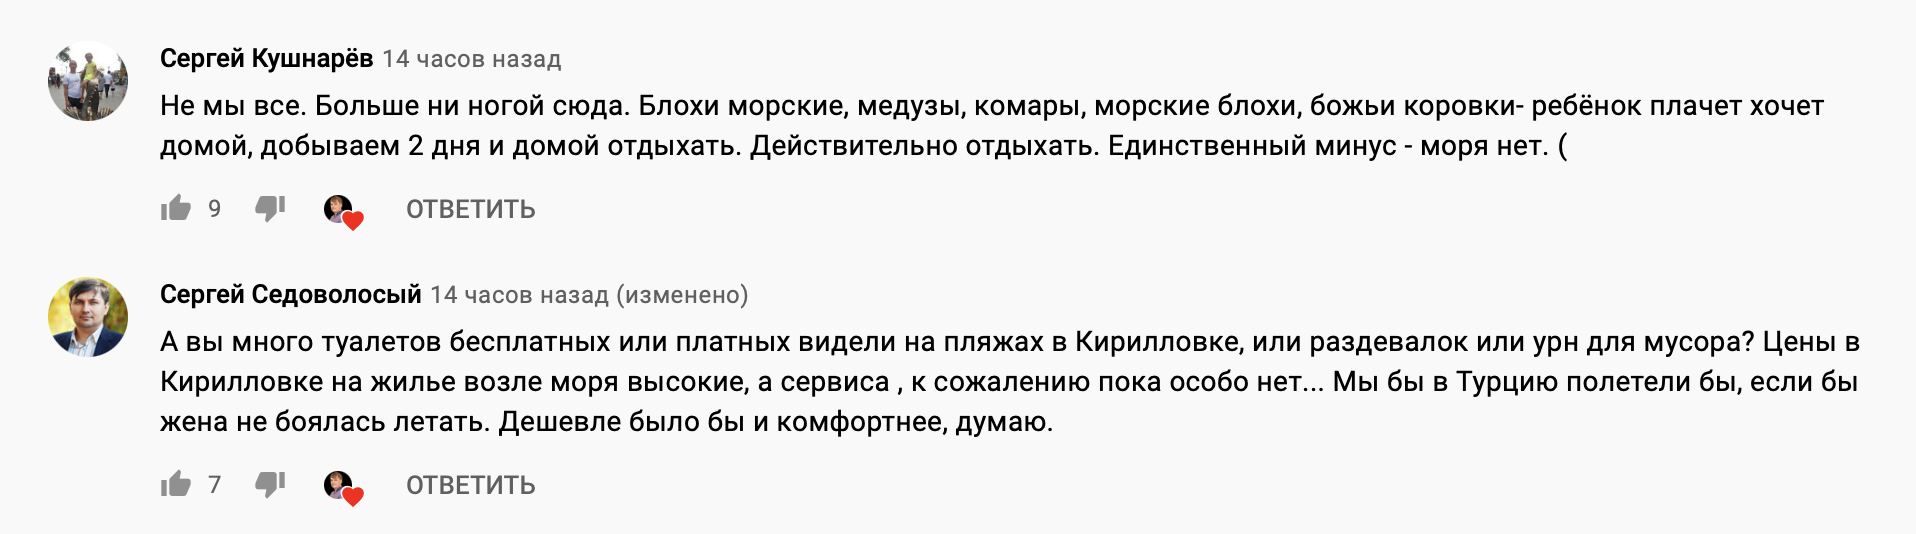 Туристи розчаровані відпочинком в Кирилівці